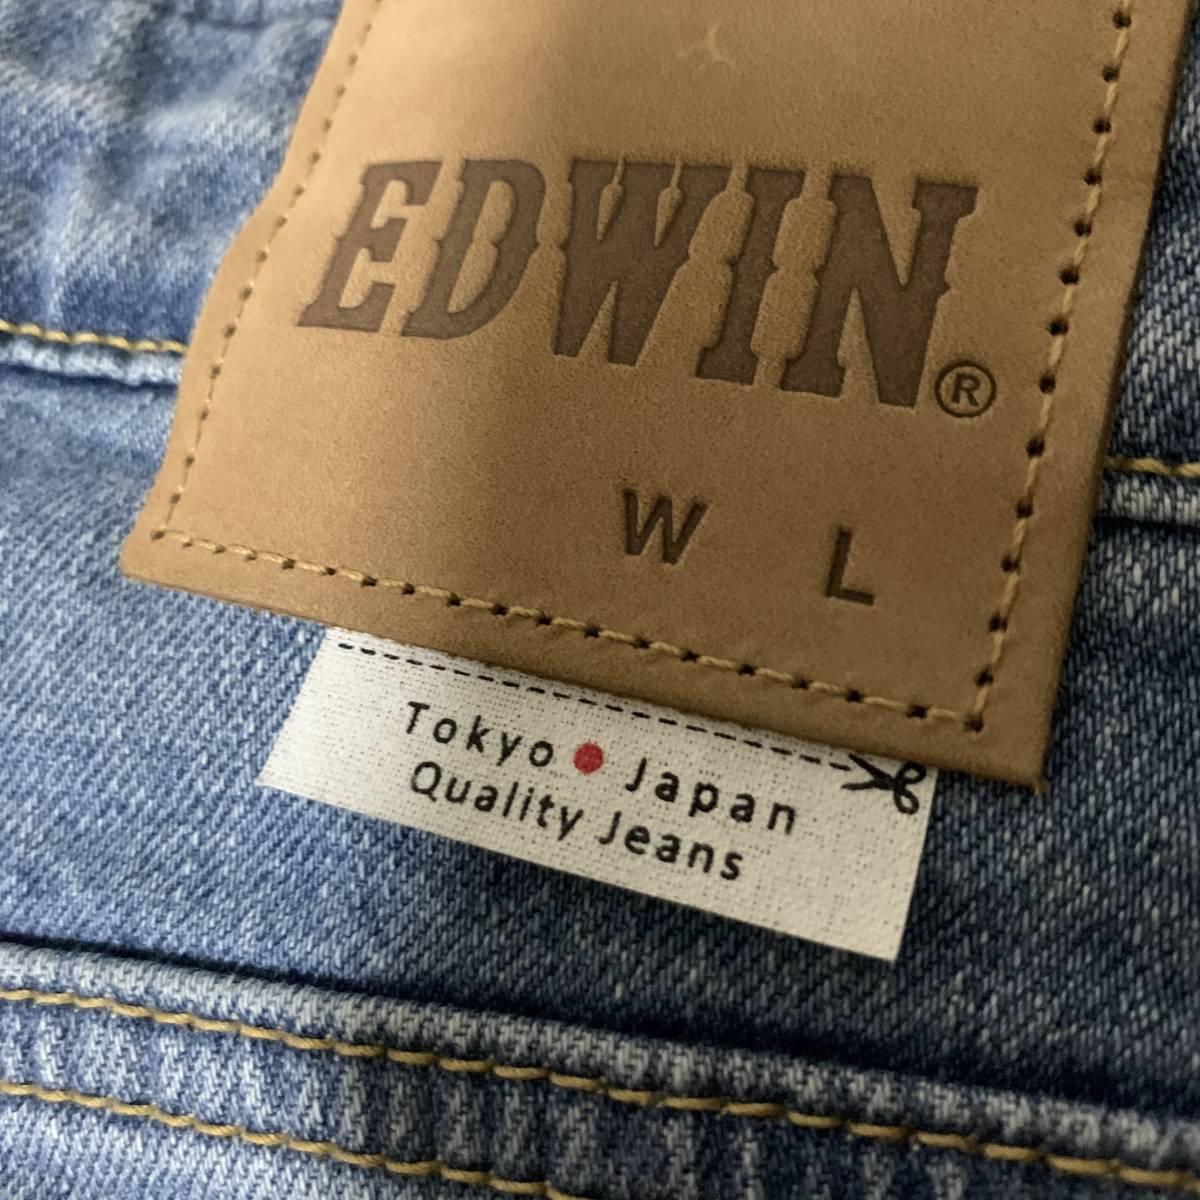 エドウィンEDWIN Tokyo Japan 日本製 30 インチ E-STANDARD ジーンズ デニム パンツ ジーパン AG-Ed リーバイス EVISU JEANS Safari 雑誌L